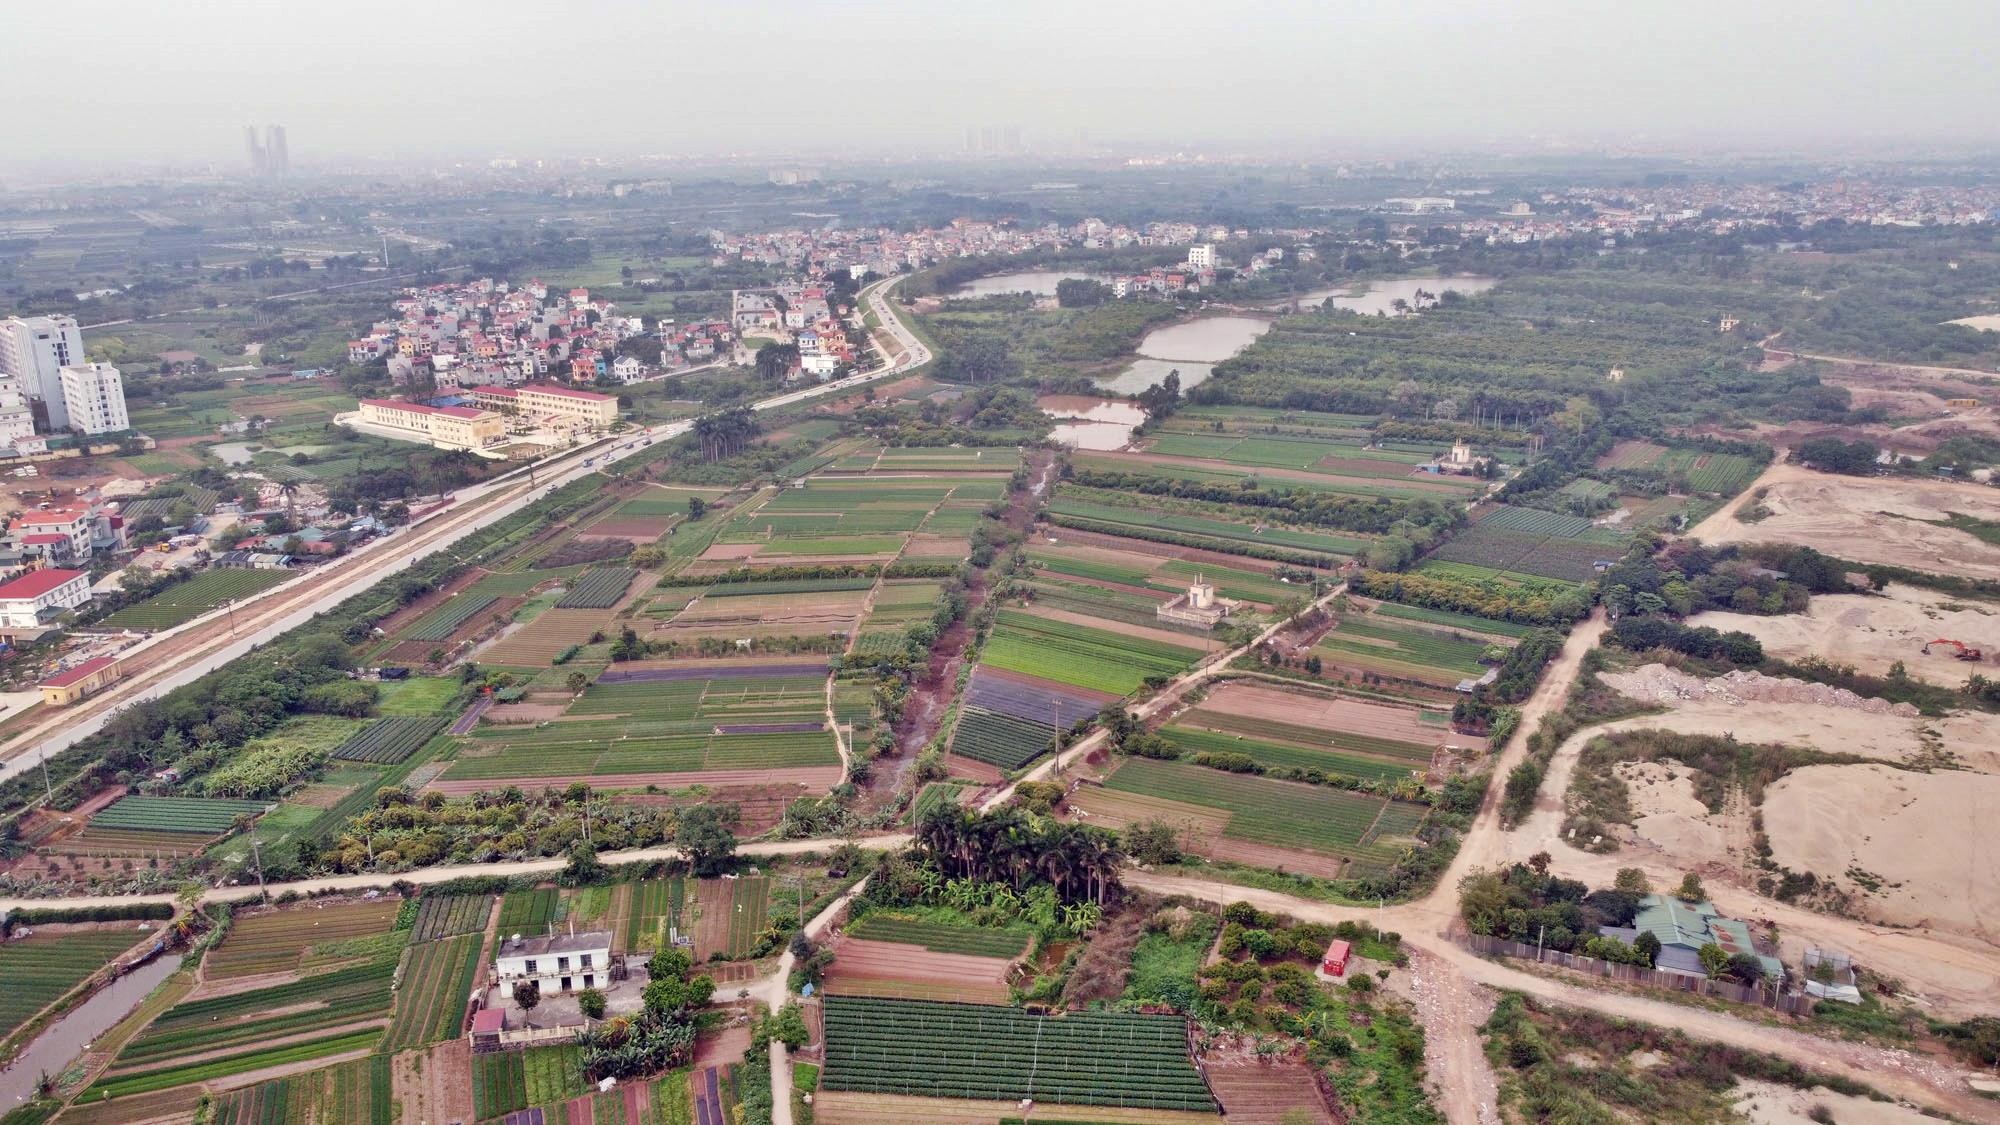 Toàn cảnh hiện trạng Phân khu đô thị sông Hồng trên địa bàn quận Bắc Từ Liêm - Ảnh 12.